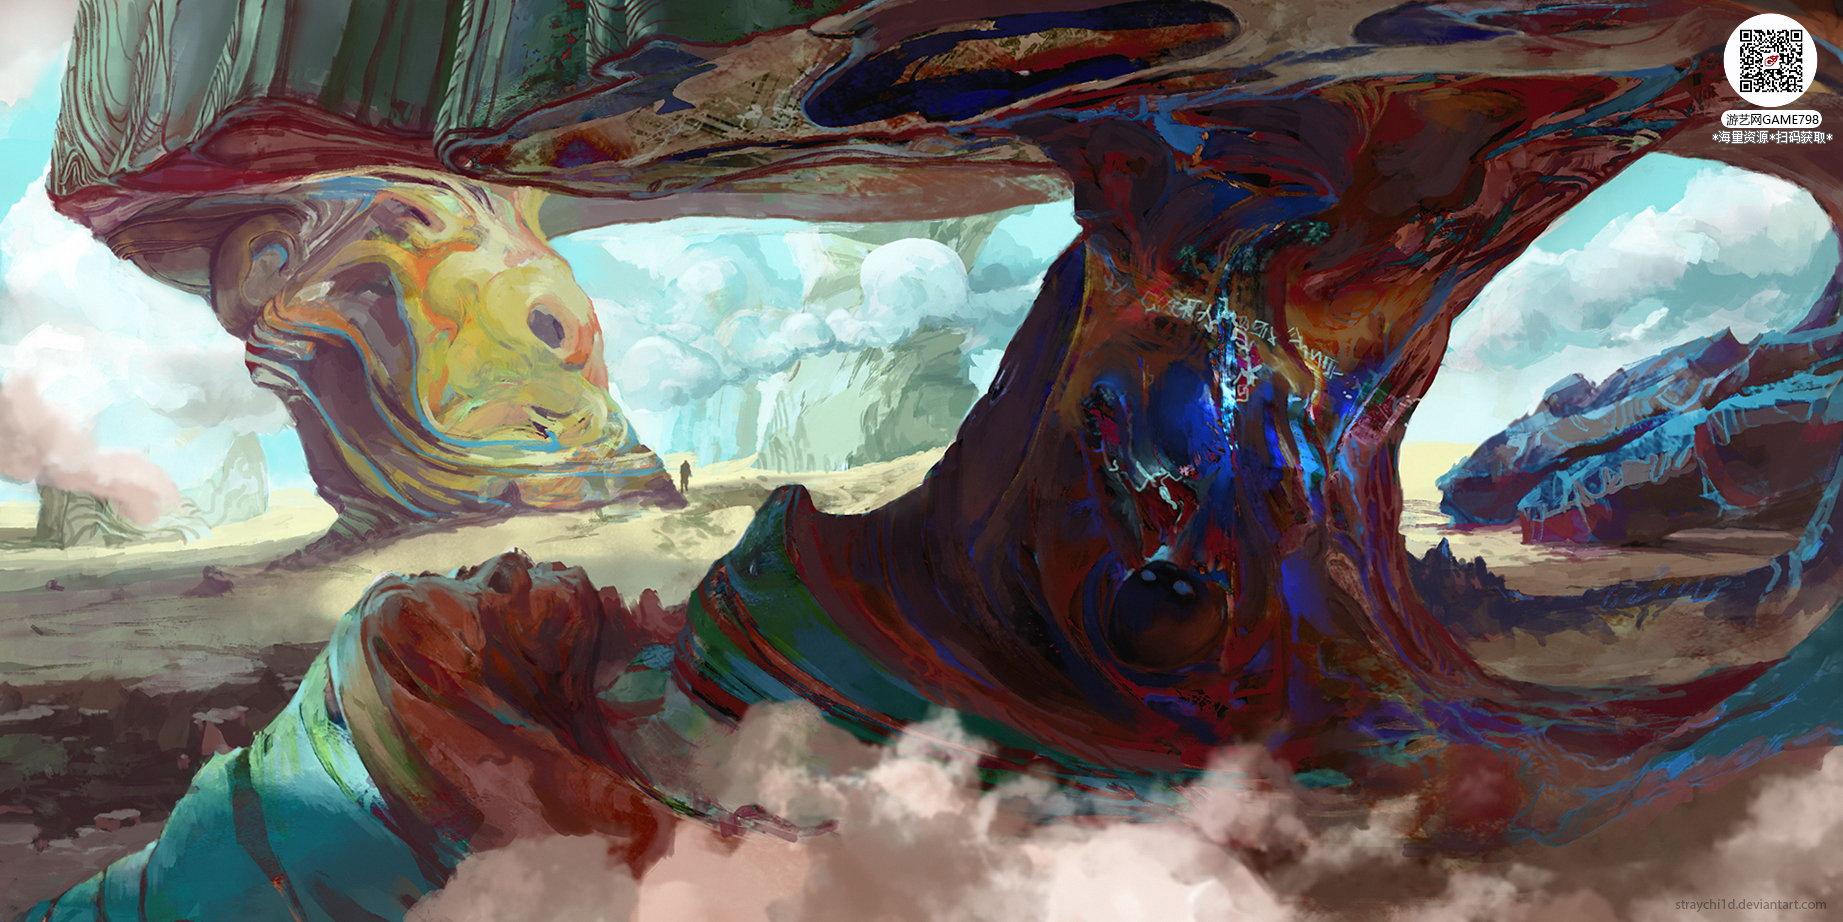 058_关注游艺网公众号获海量资源_风格独特的原画概念设定Q版卡通风格异世界科幻风格设计.jpg